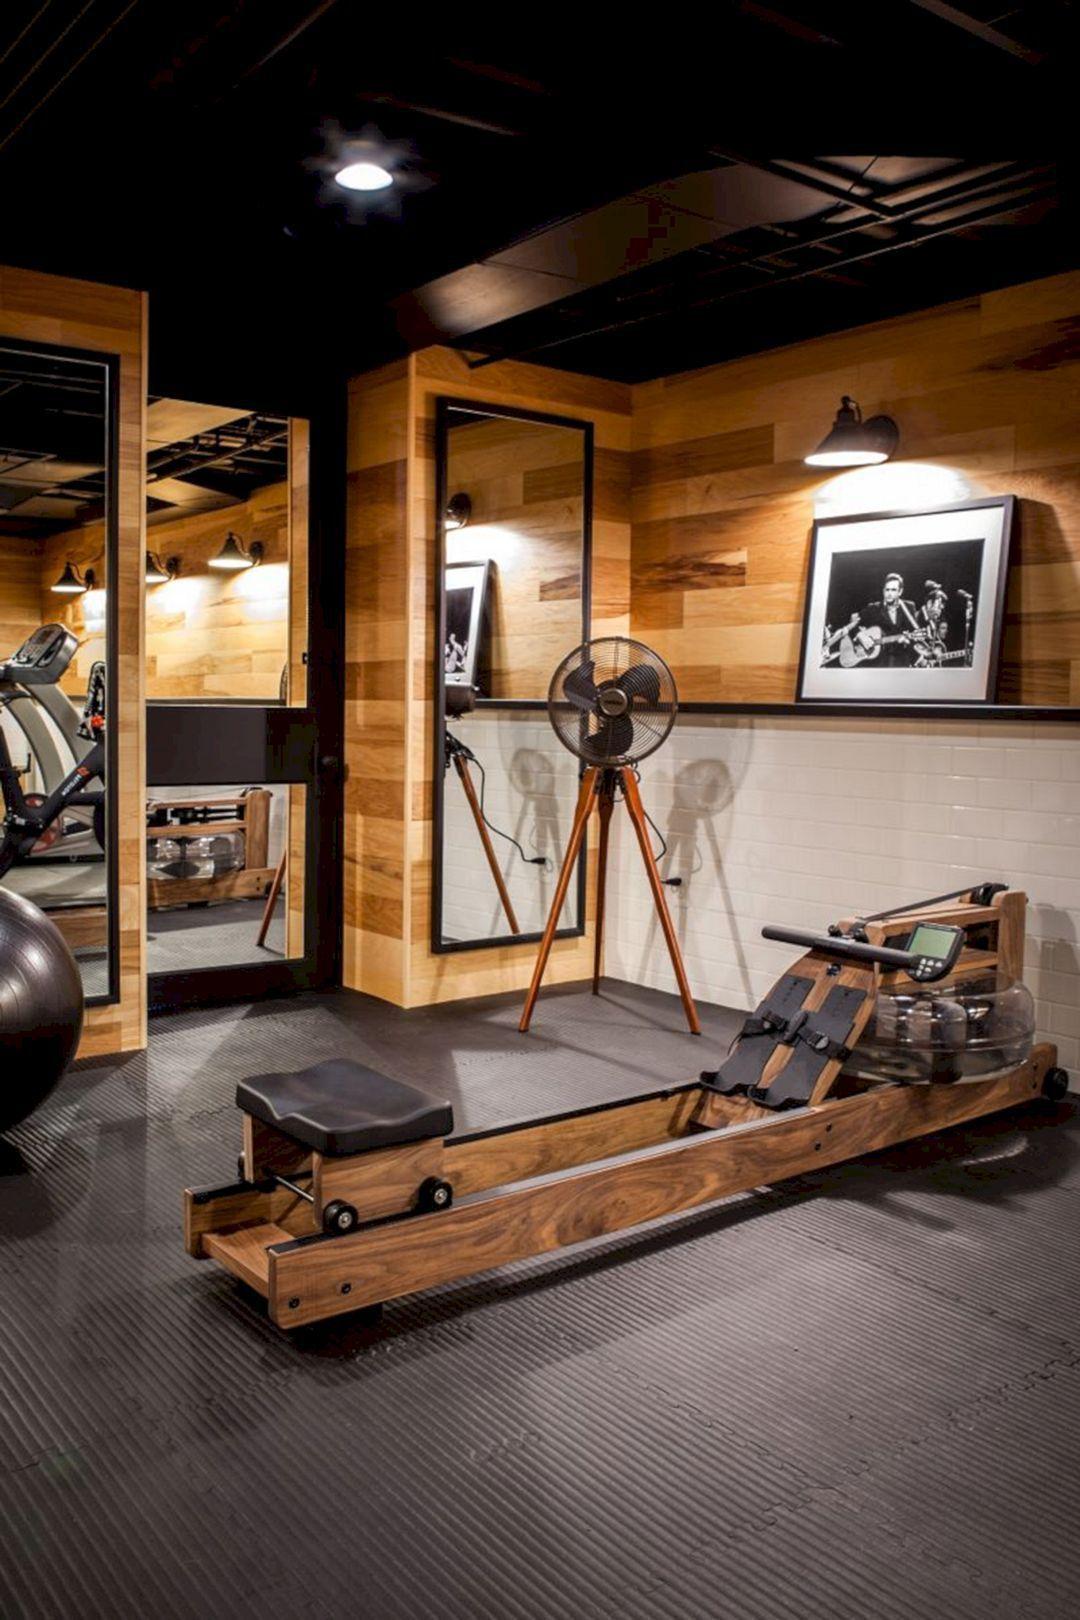 Basement Home Gym 6 basementhomegym Salle de sport